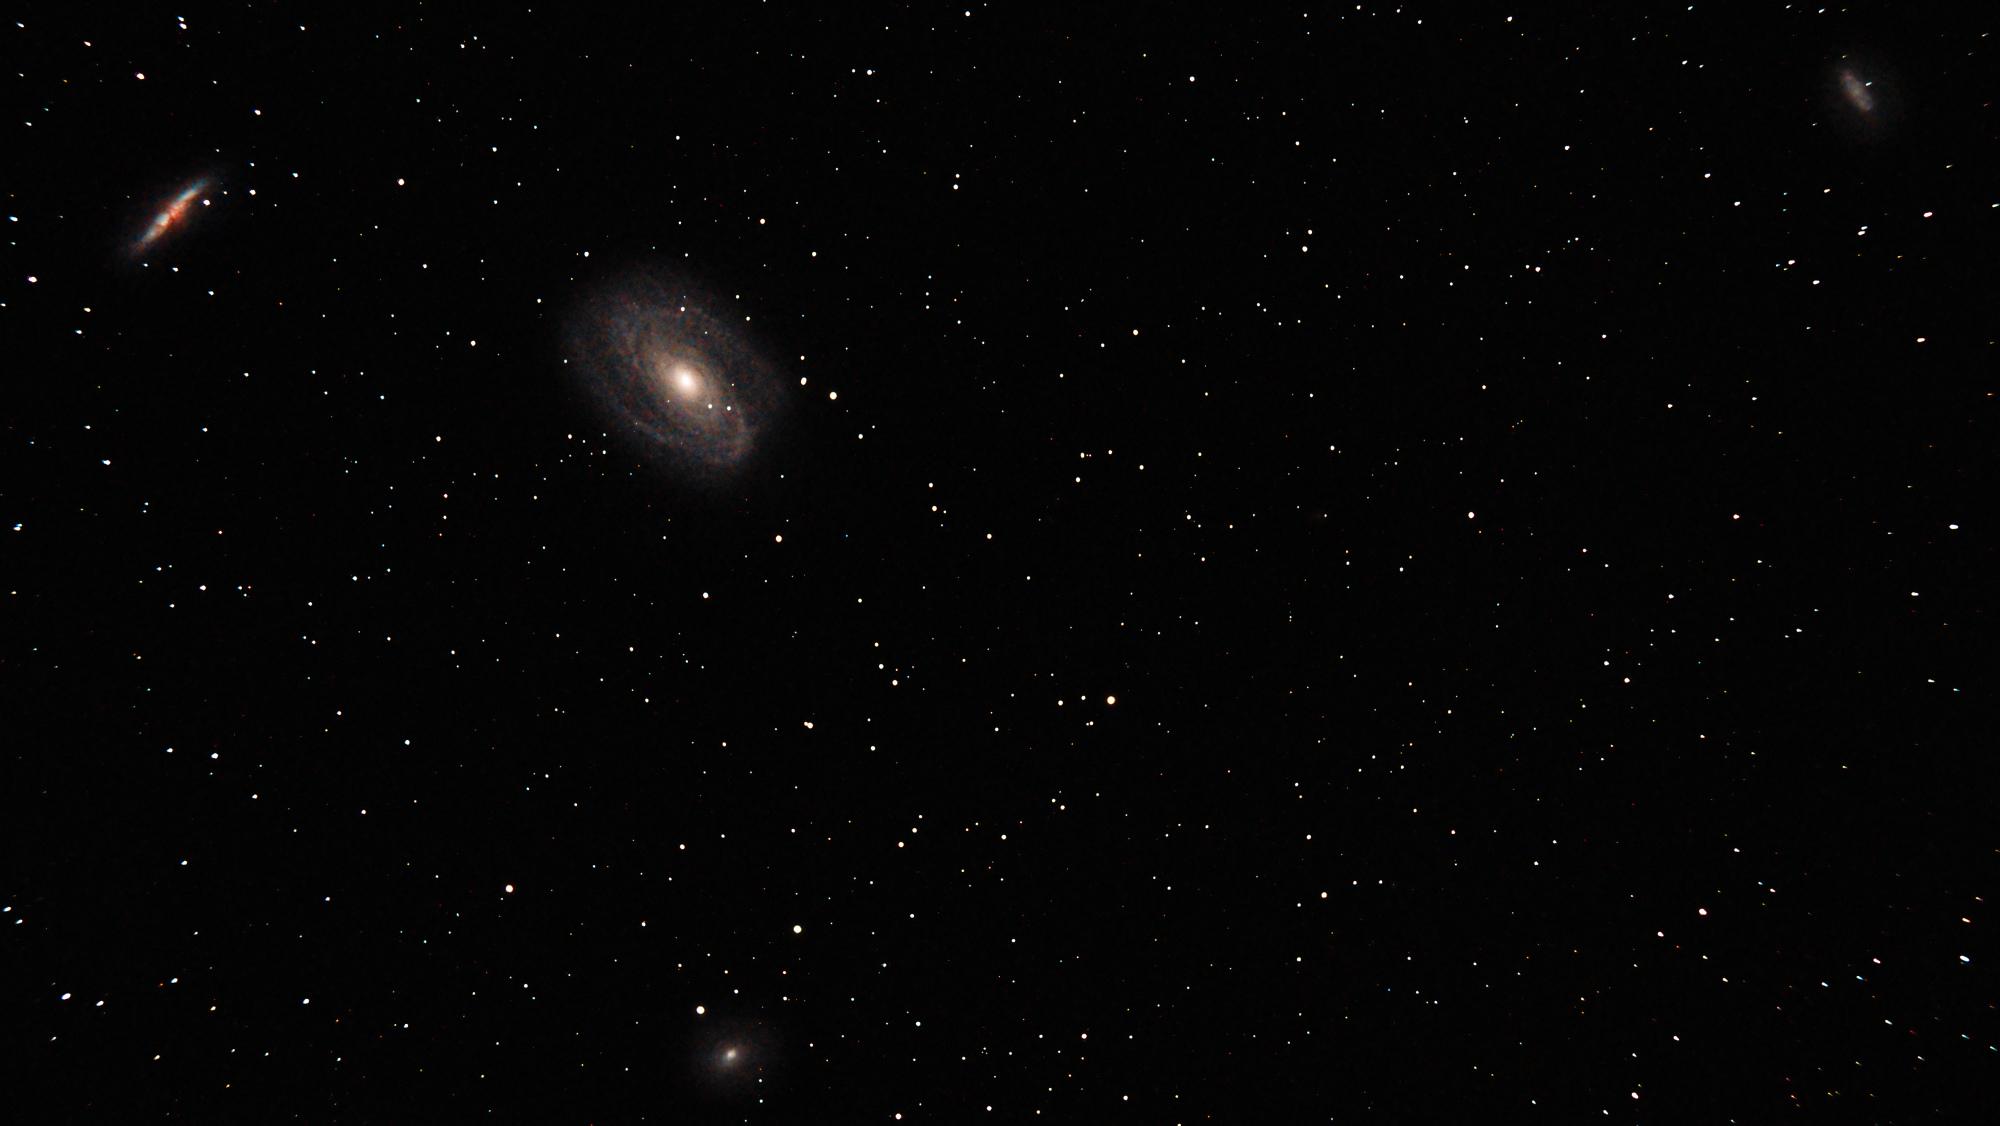 Galaxie_Bode_M81_28x300s_ISO800.jpg